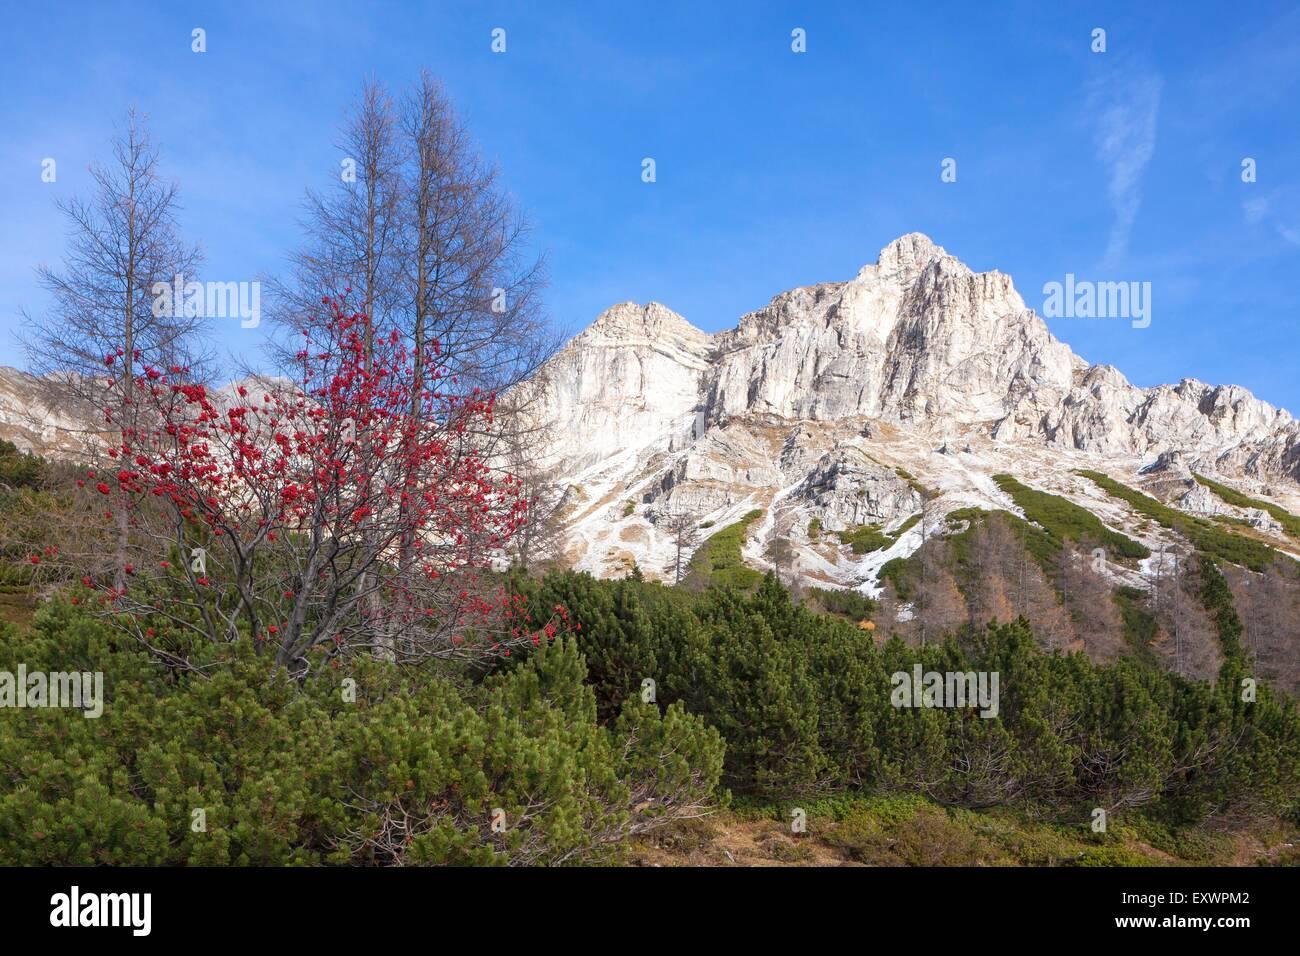 Kleine und Grosse Kesselspitze, Radstaedter Tauern, Salzburger Land, Austria, Europe - Stock Image